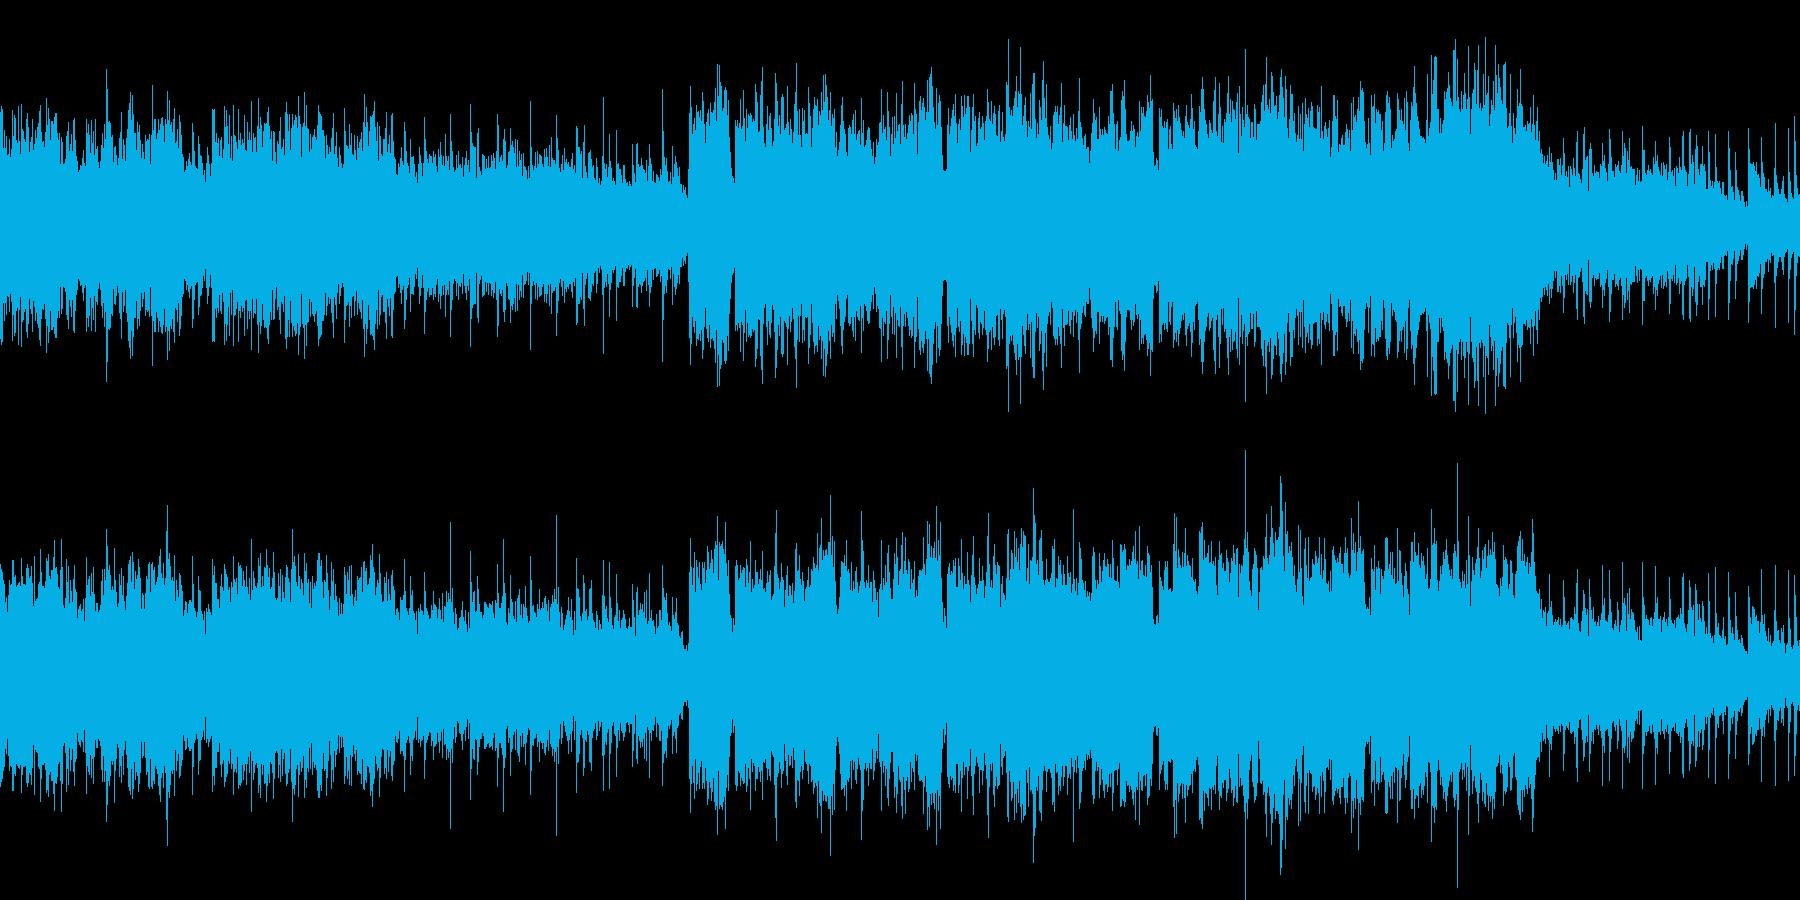 感動のファンタジー系ループ曲の再生済みの波形